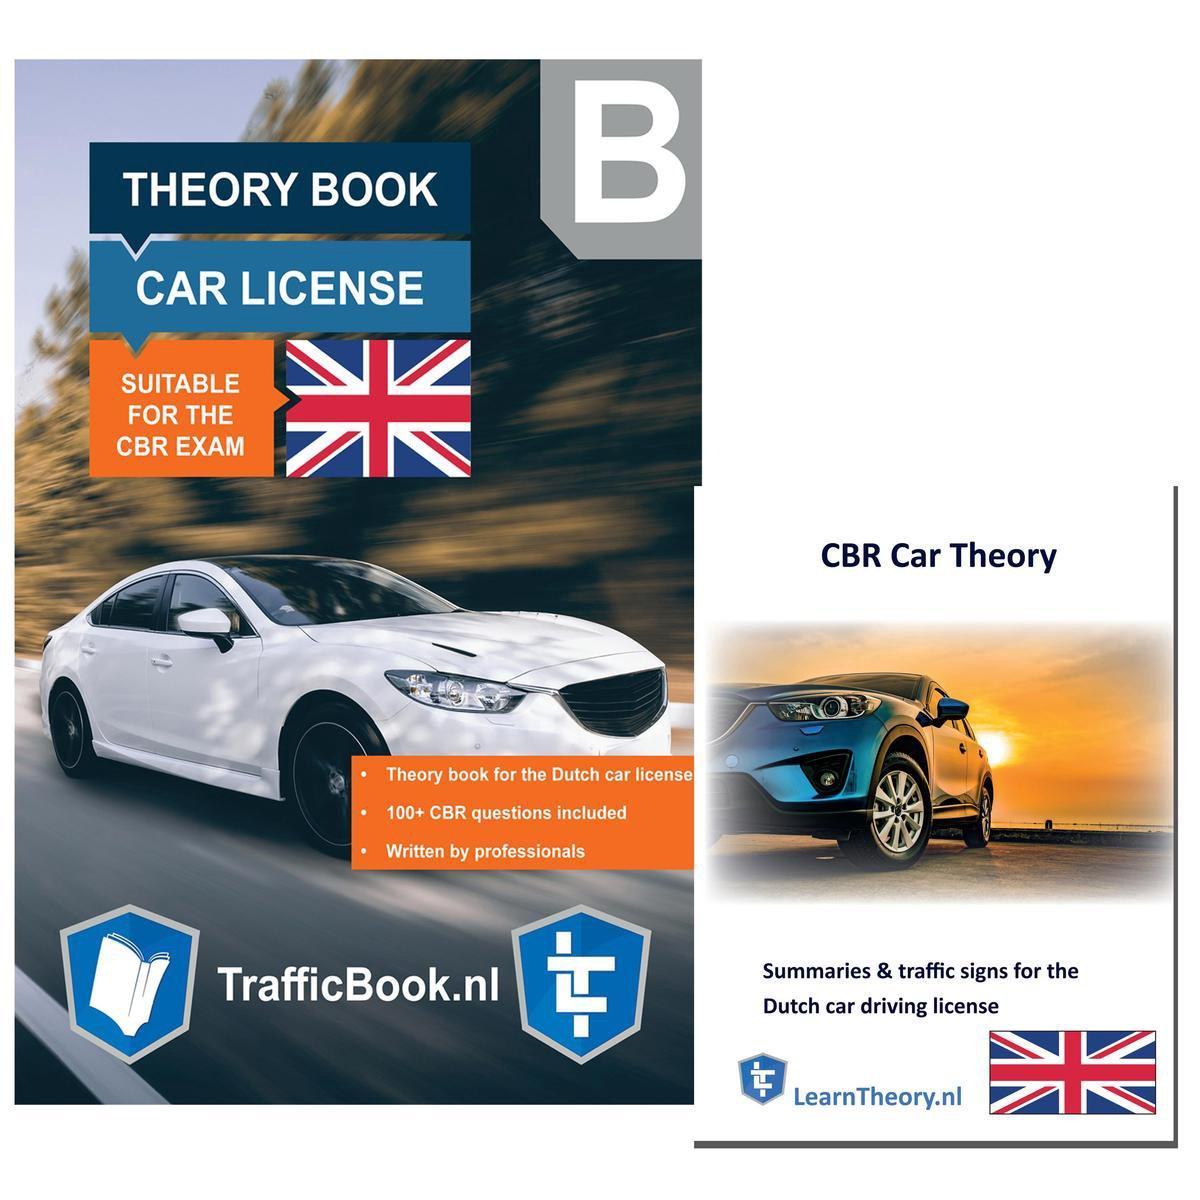 AutoTheorieboek - Engels - Rijbewijs B 2021 + Engelse Auto Theorie Boek Samenvatting - Auto Theorie